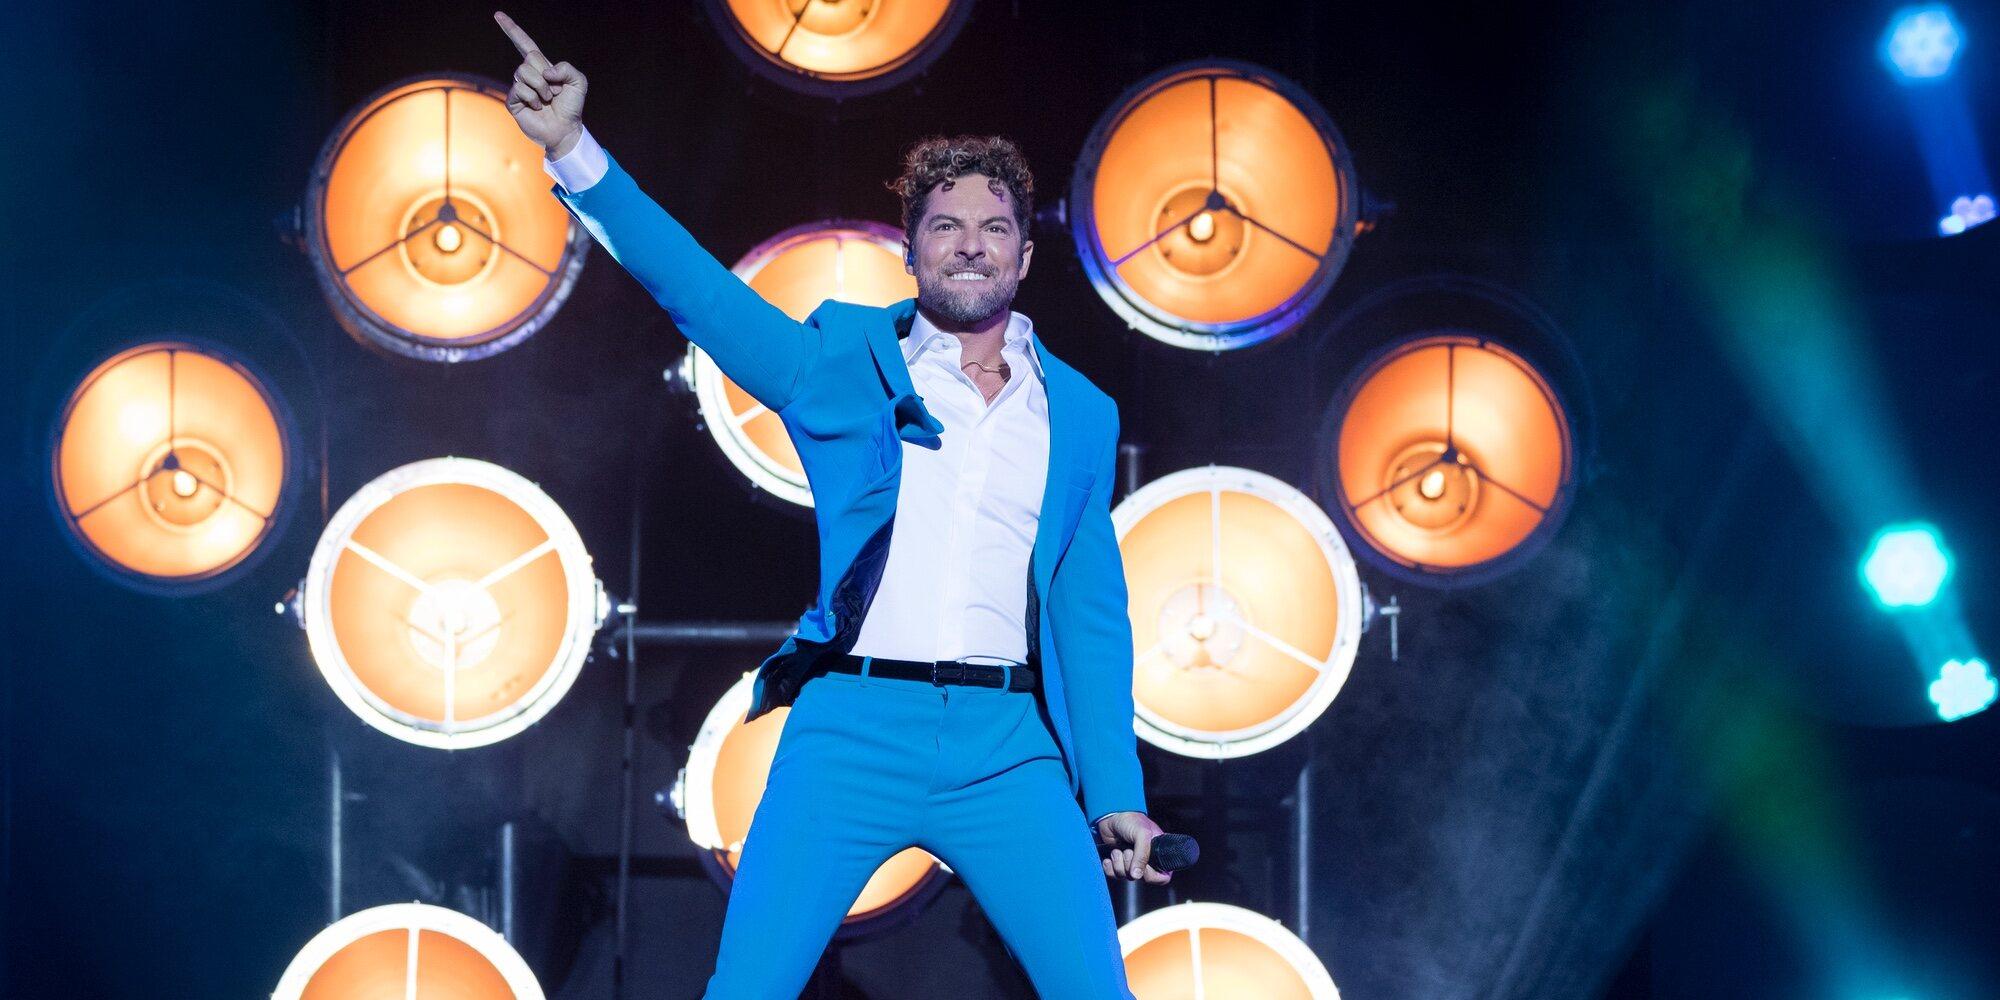 David Bisbal vuelve a los escenarios tras la pandemia: energía, pasión y ganas en su primer concierto en Madrid